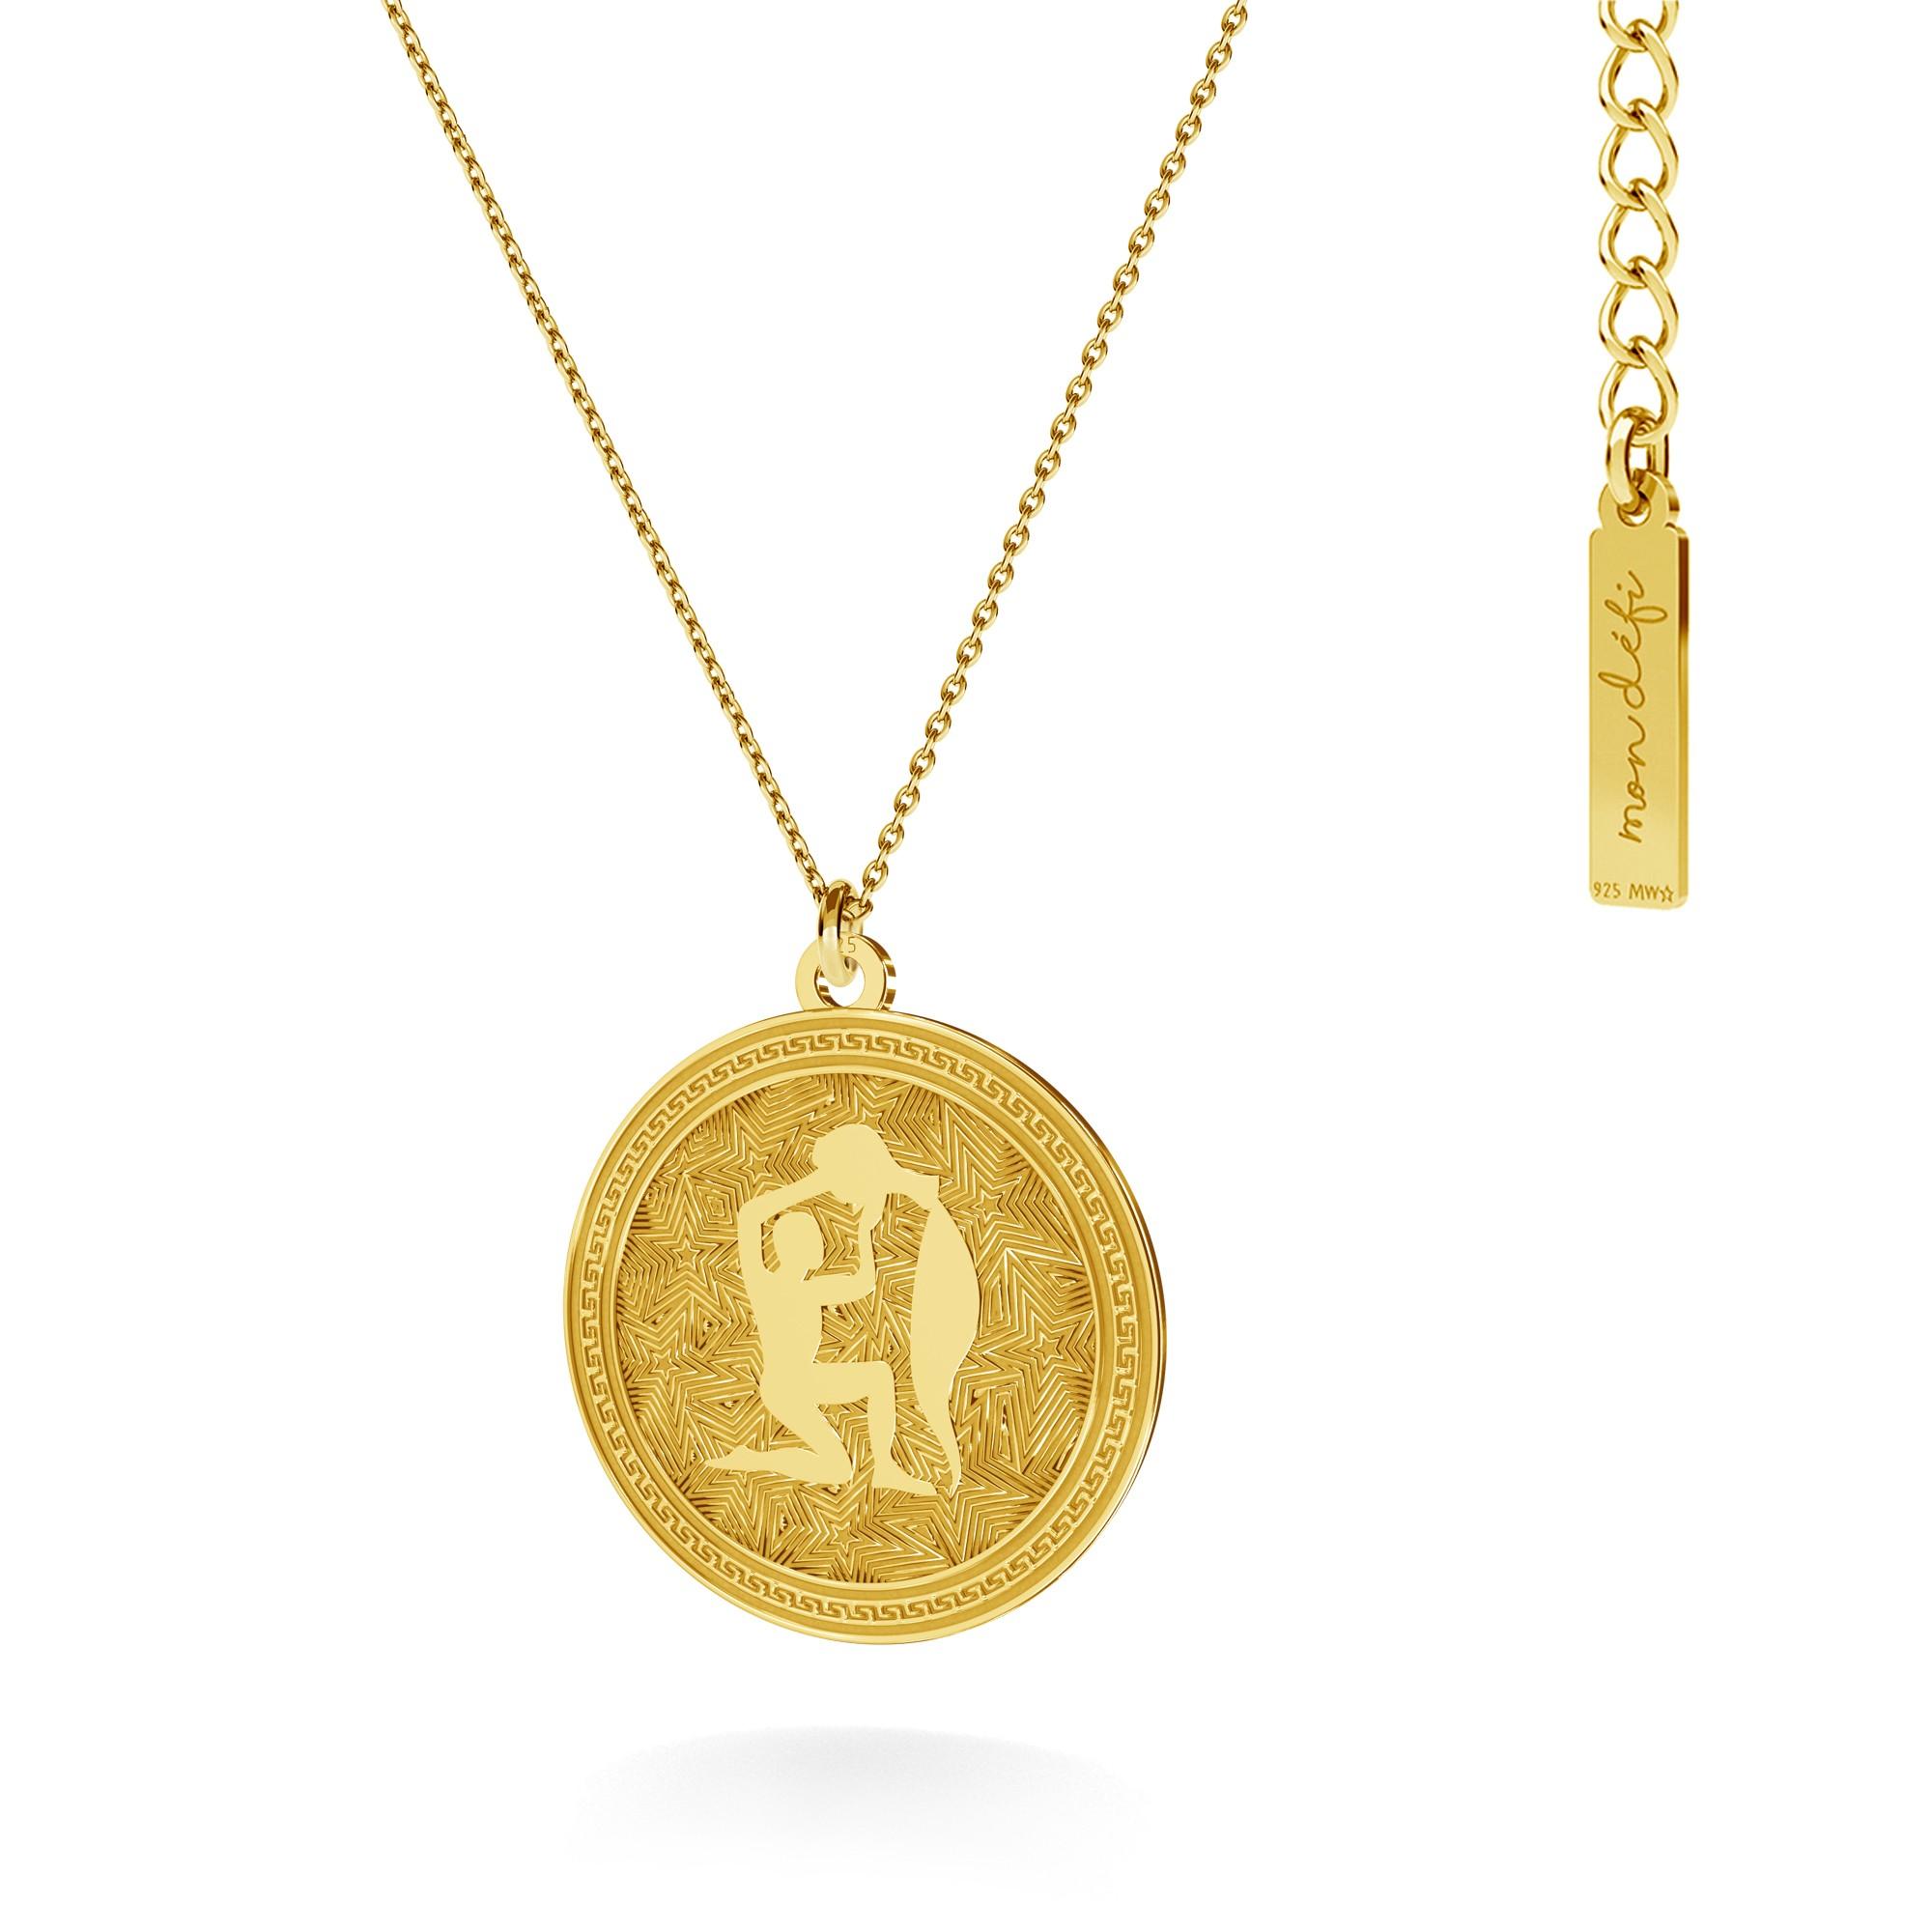 Srebrny naszyjnik znak zodiaku - wodnik, 925 - MON DÉFI - Mon Defi | JestemSlow.pl